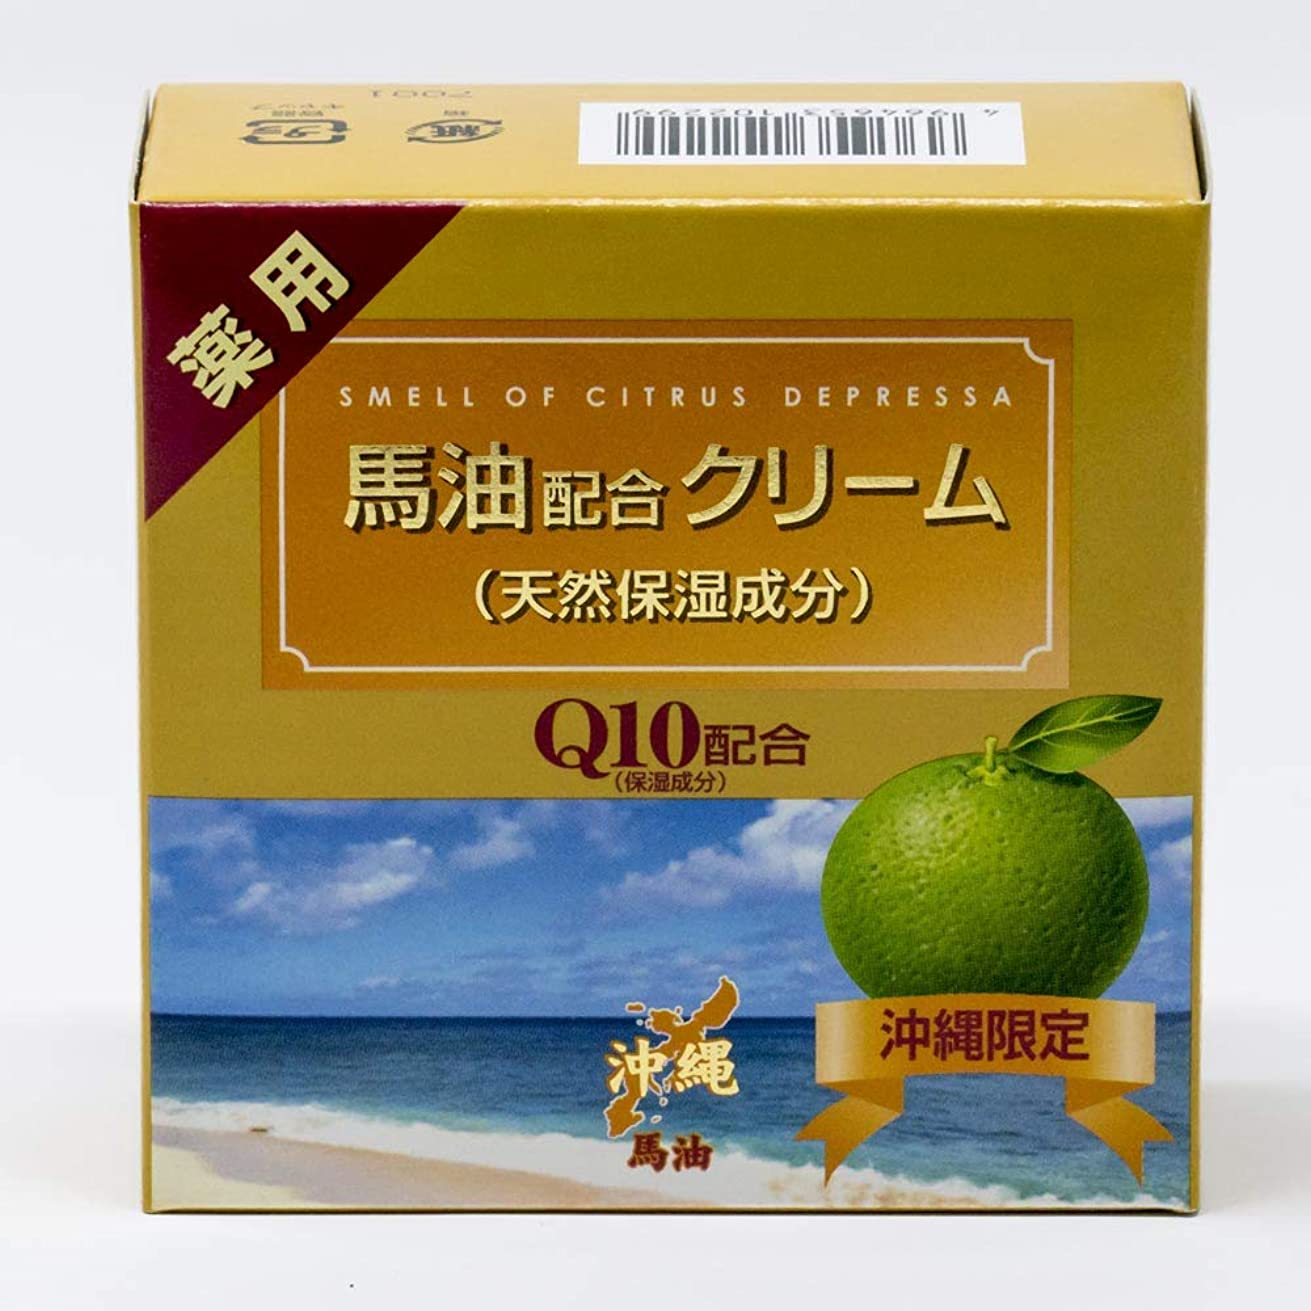 目覚める禁止するおじいちゃん薬用 馬油クリーム シークヮーサーの香り Q10配合(沖縄限定)